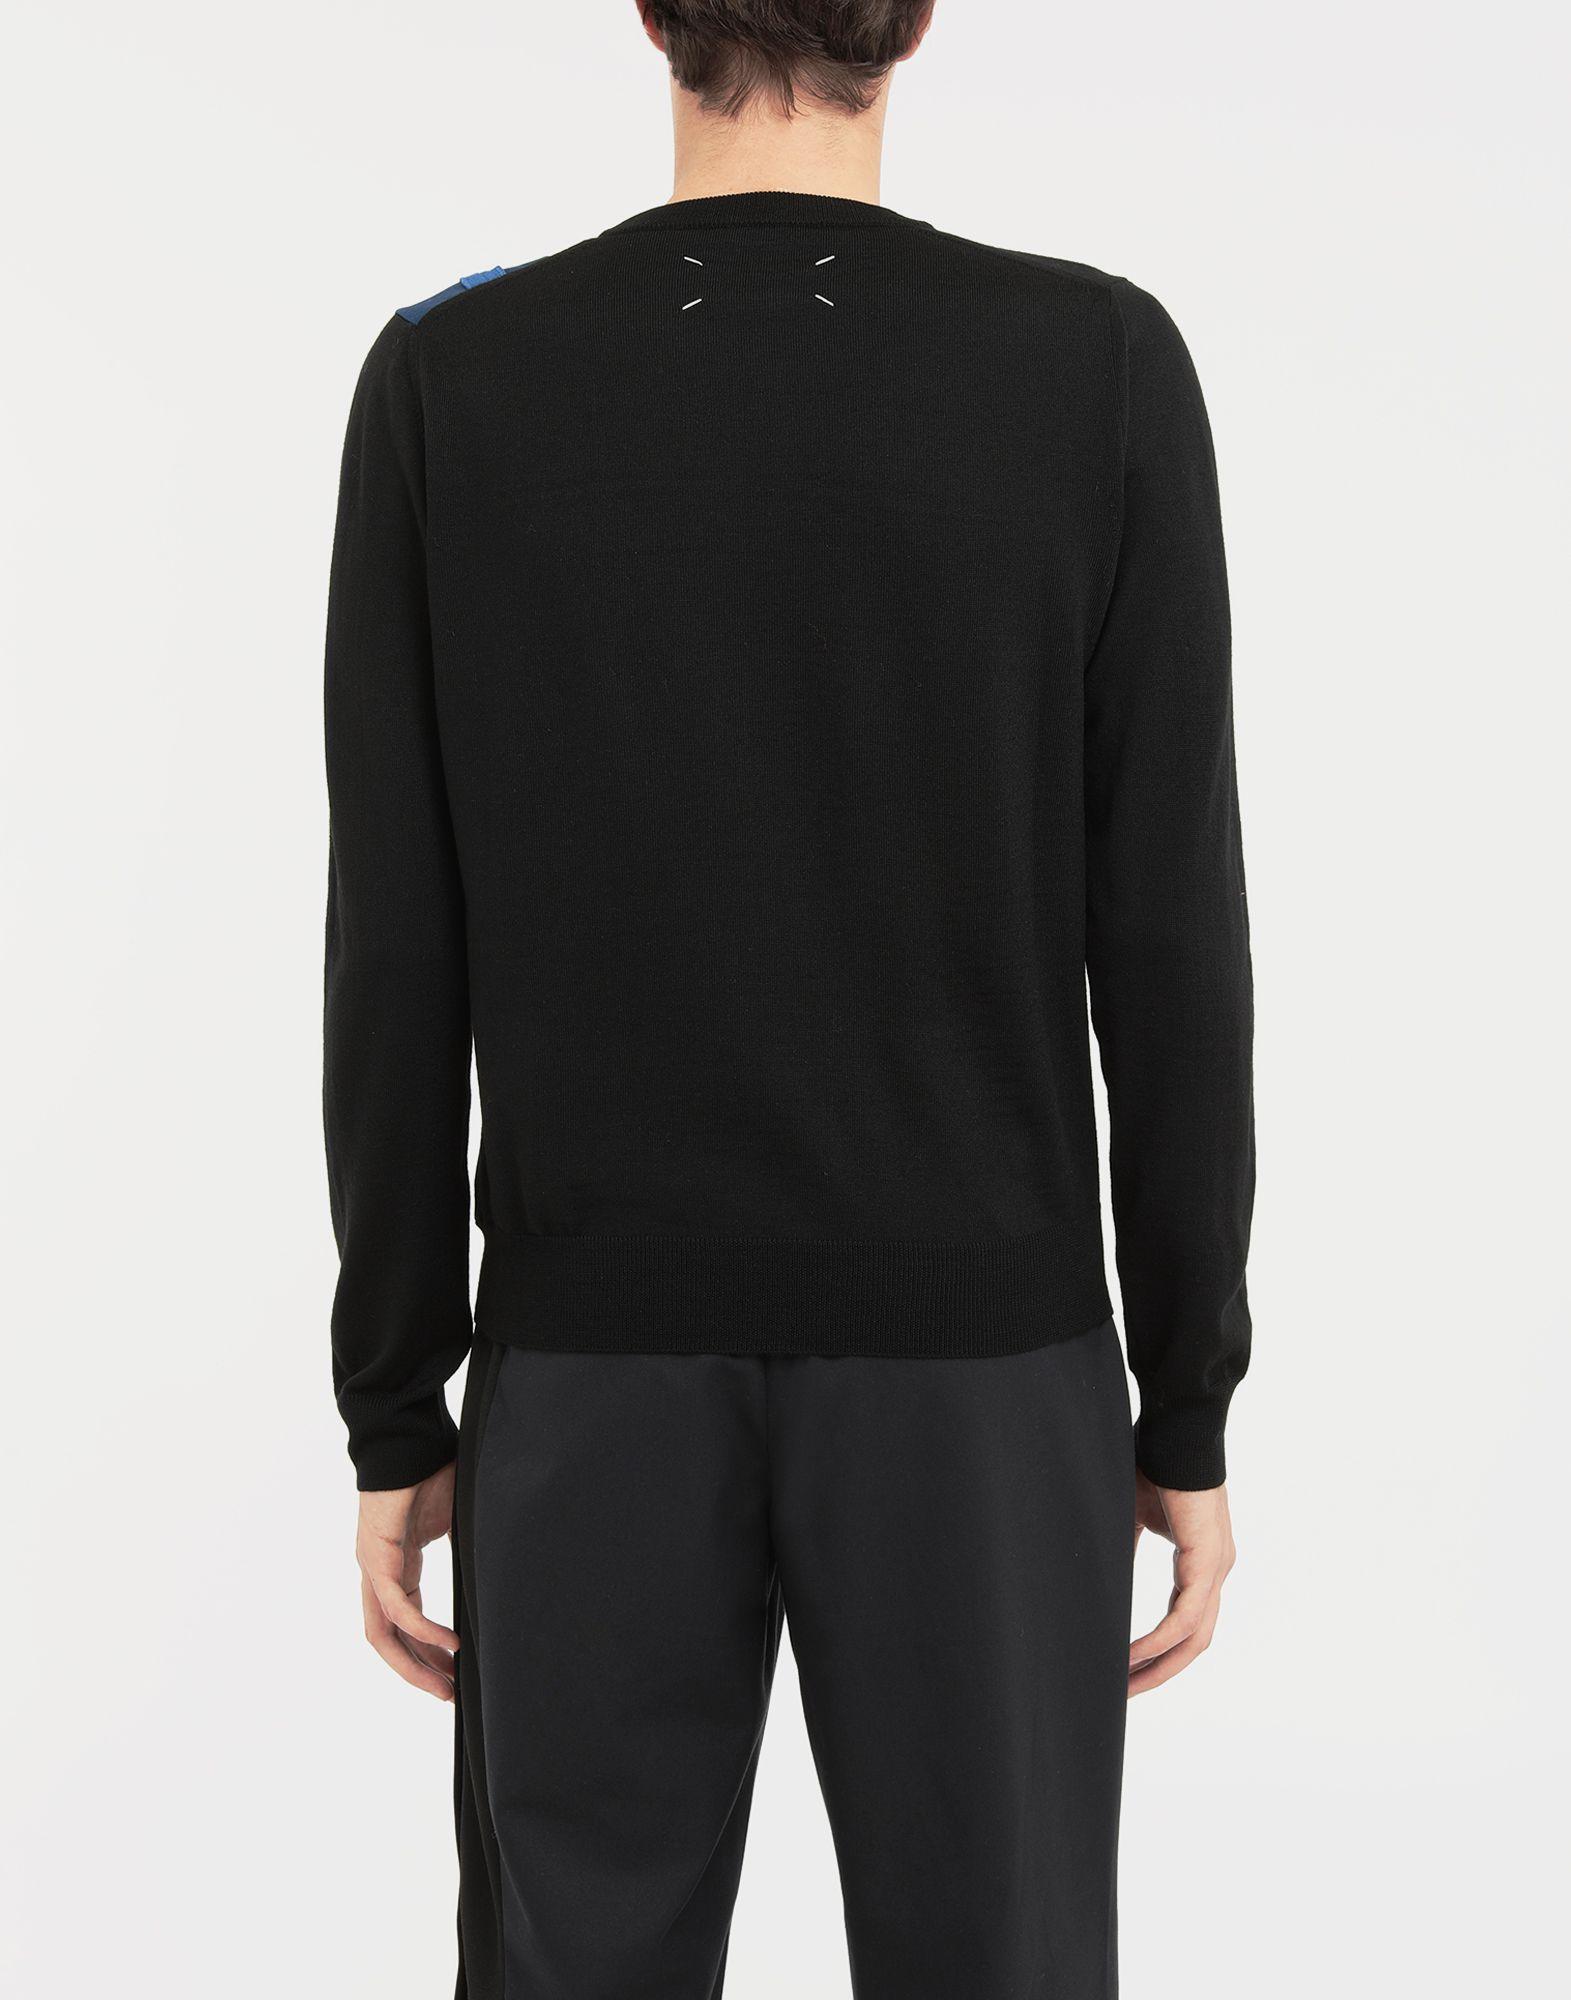 MAISON MARGIELA Spliced wool knit pullover Long sleeve sweater Man e